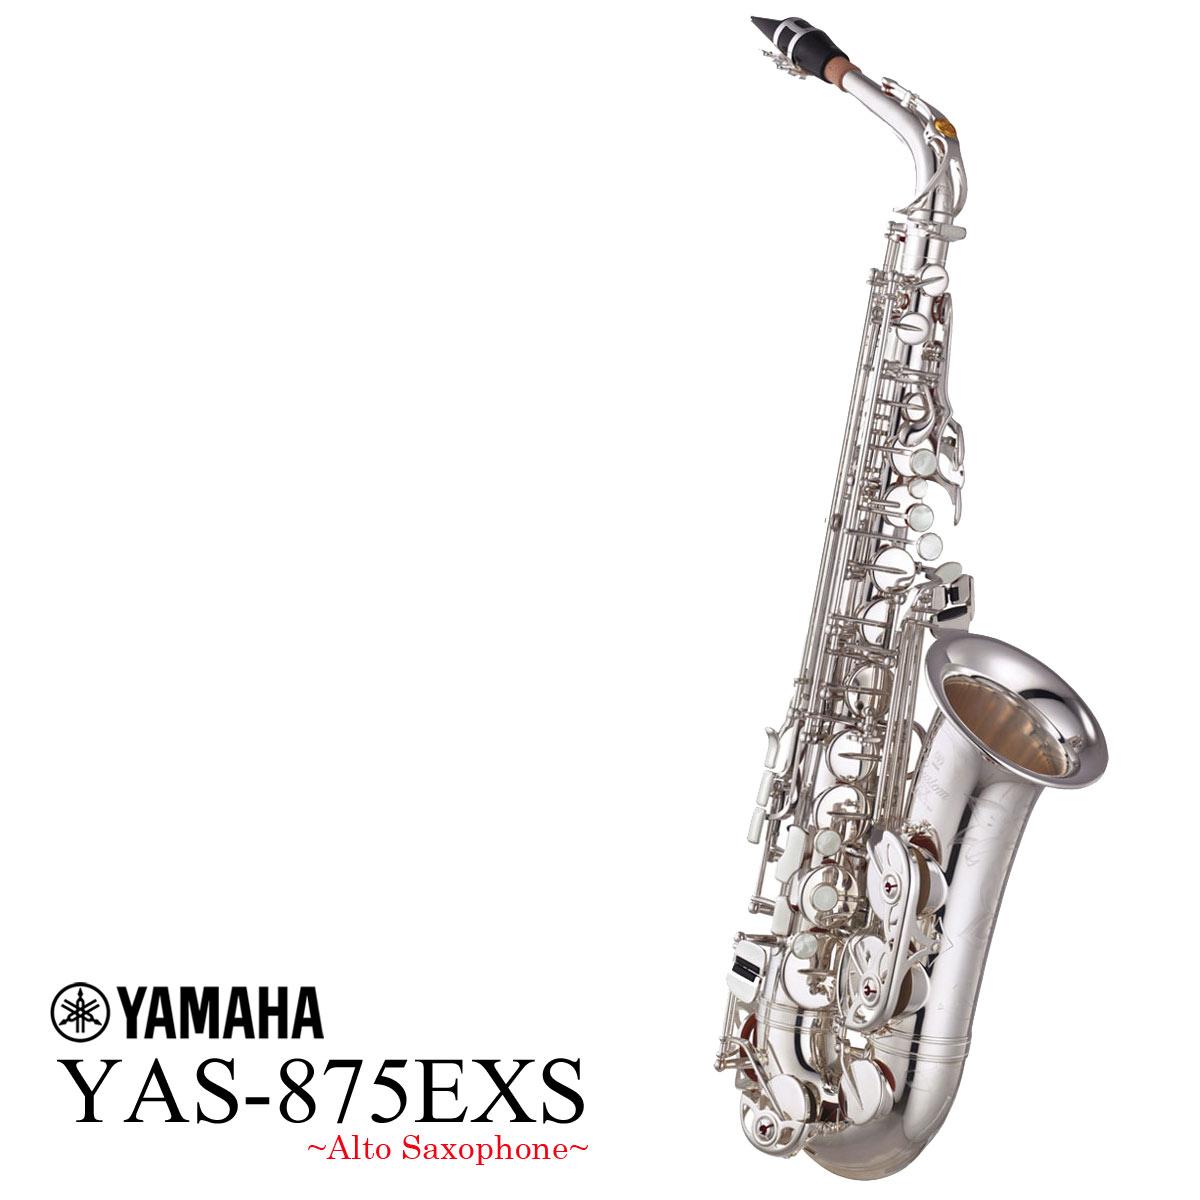 【在庫あり】YAMAHA / YAS-875EXS ヤマハ カスタムEX アルトサックス 銀メッキ シルバーメッキ 《出荷前検品》【5年保証】